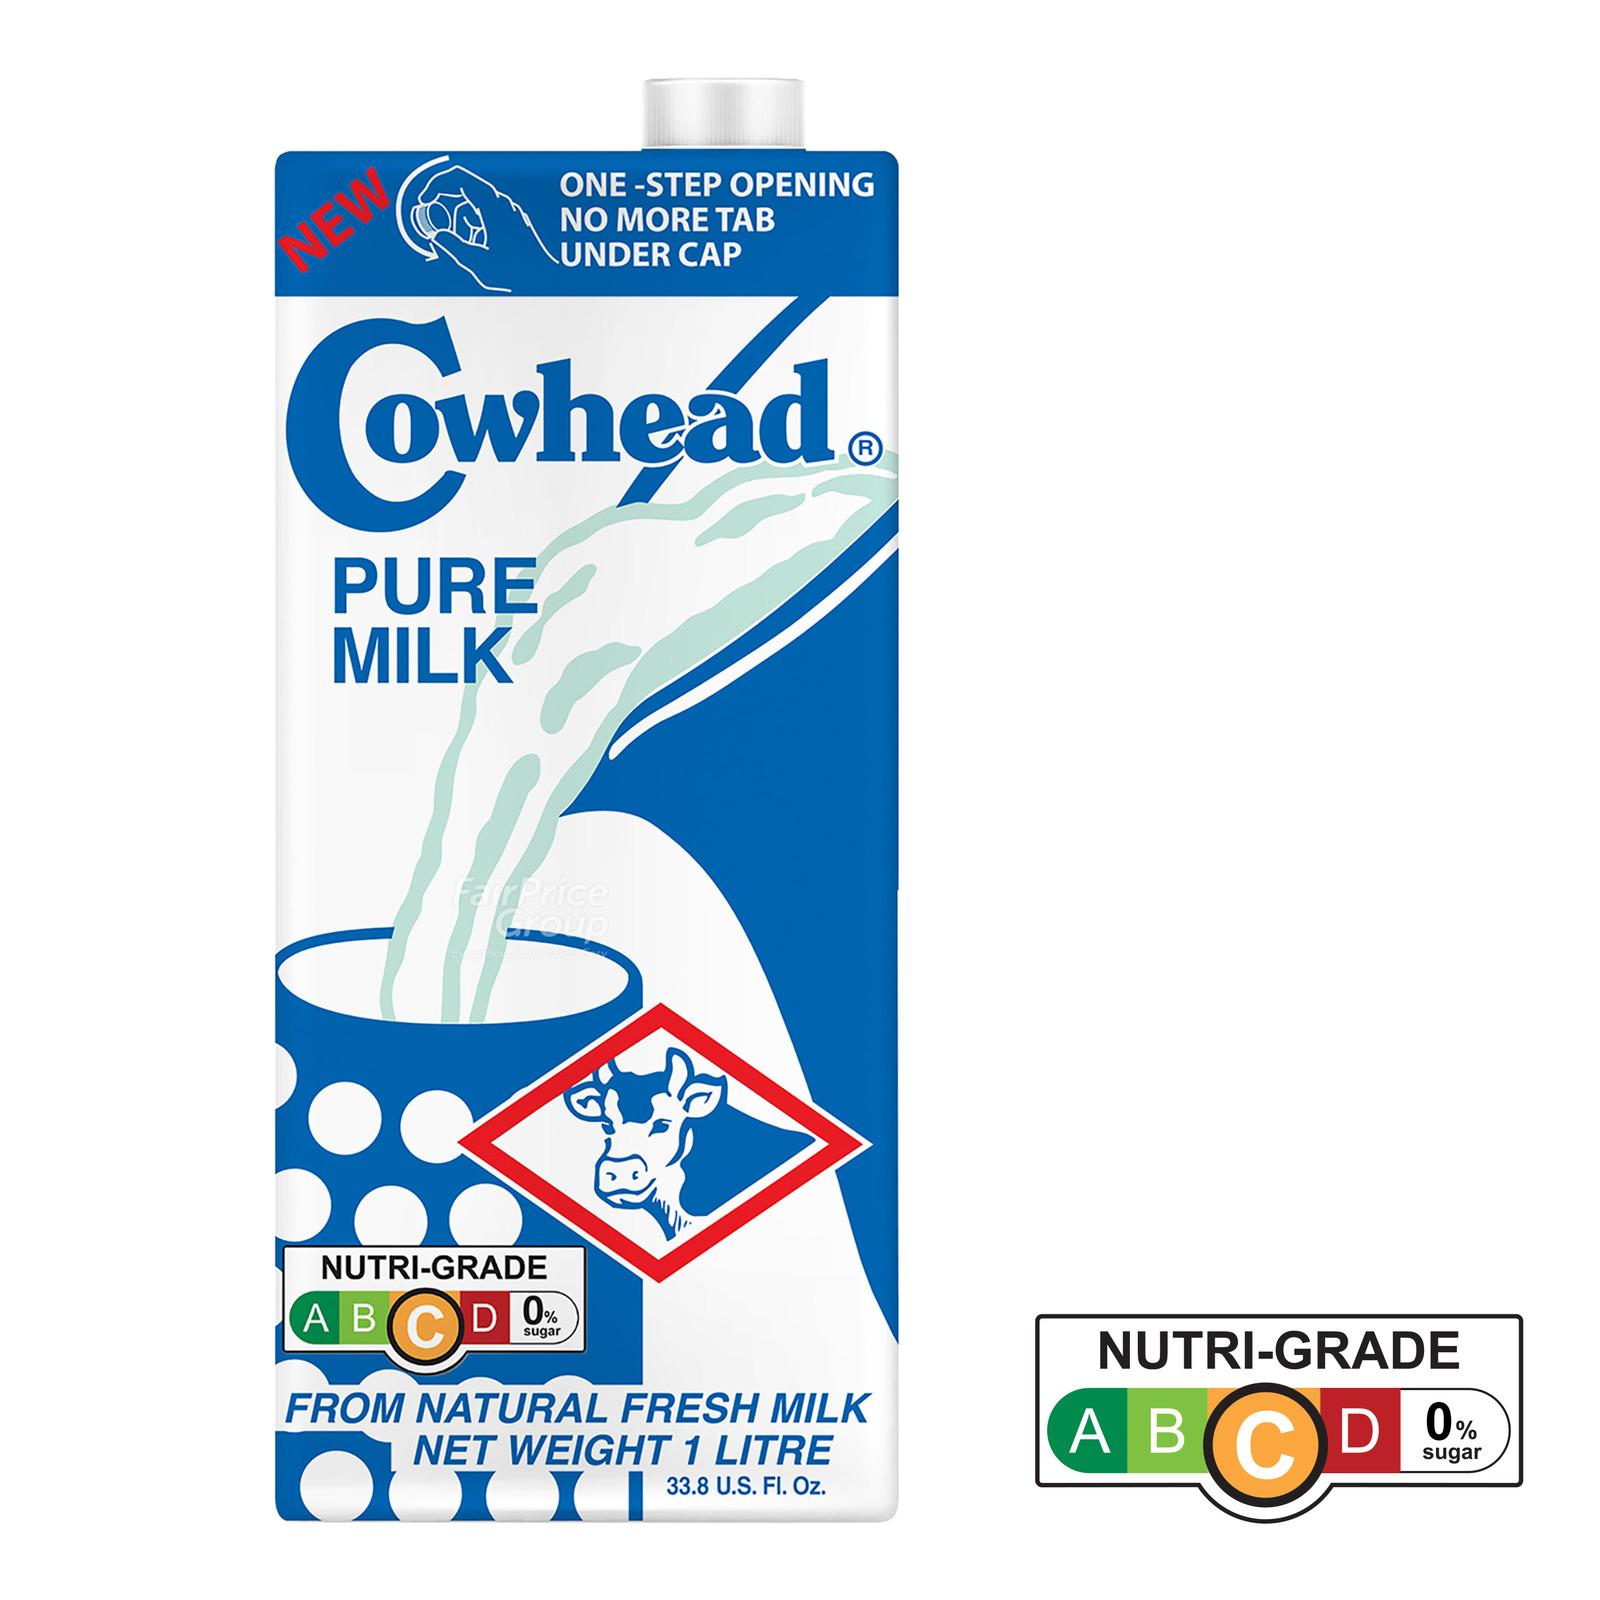 Cowhead UHT Milk - Pure Milk